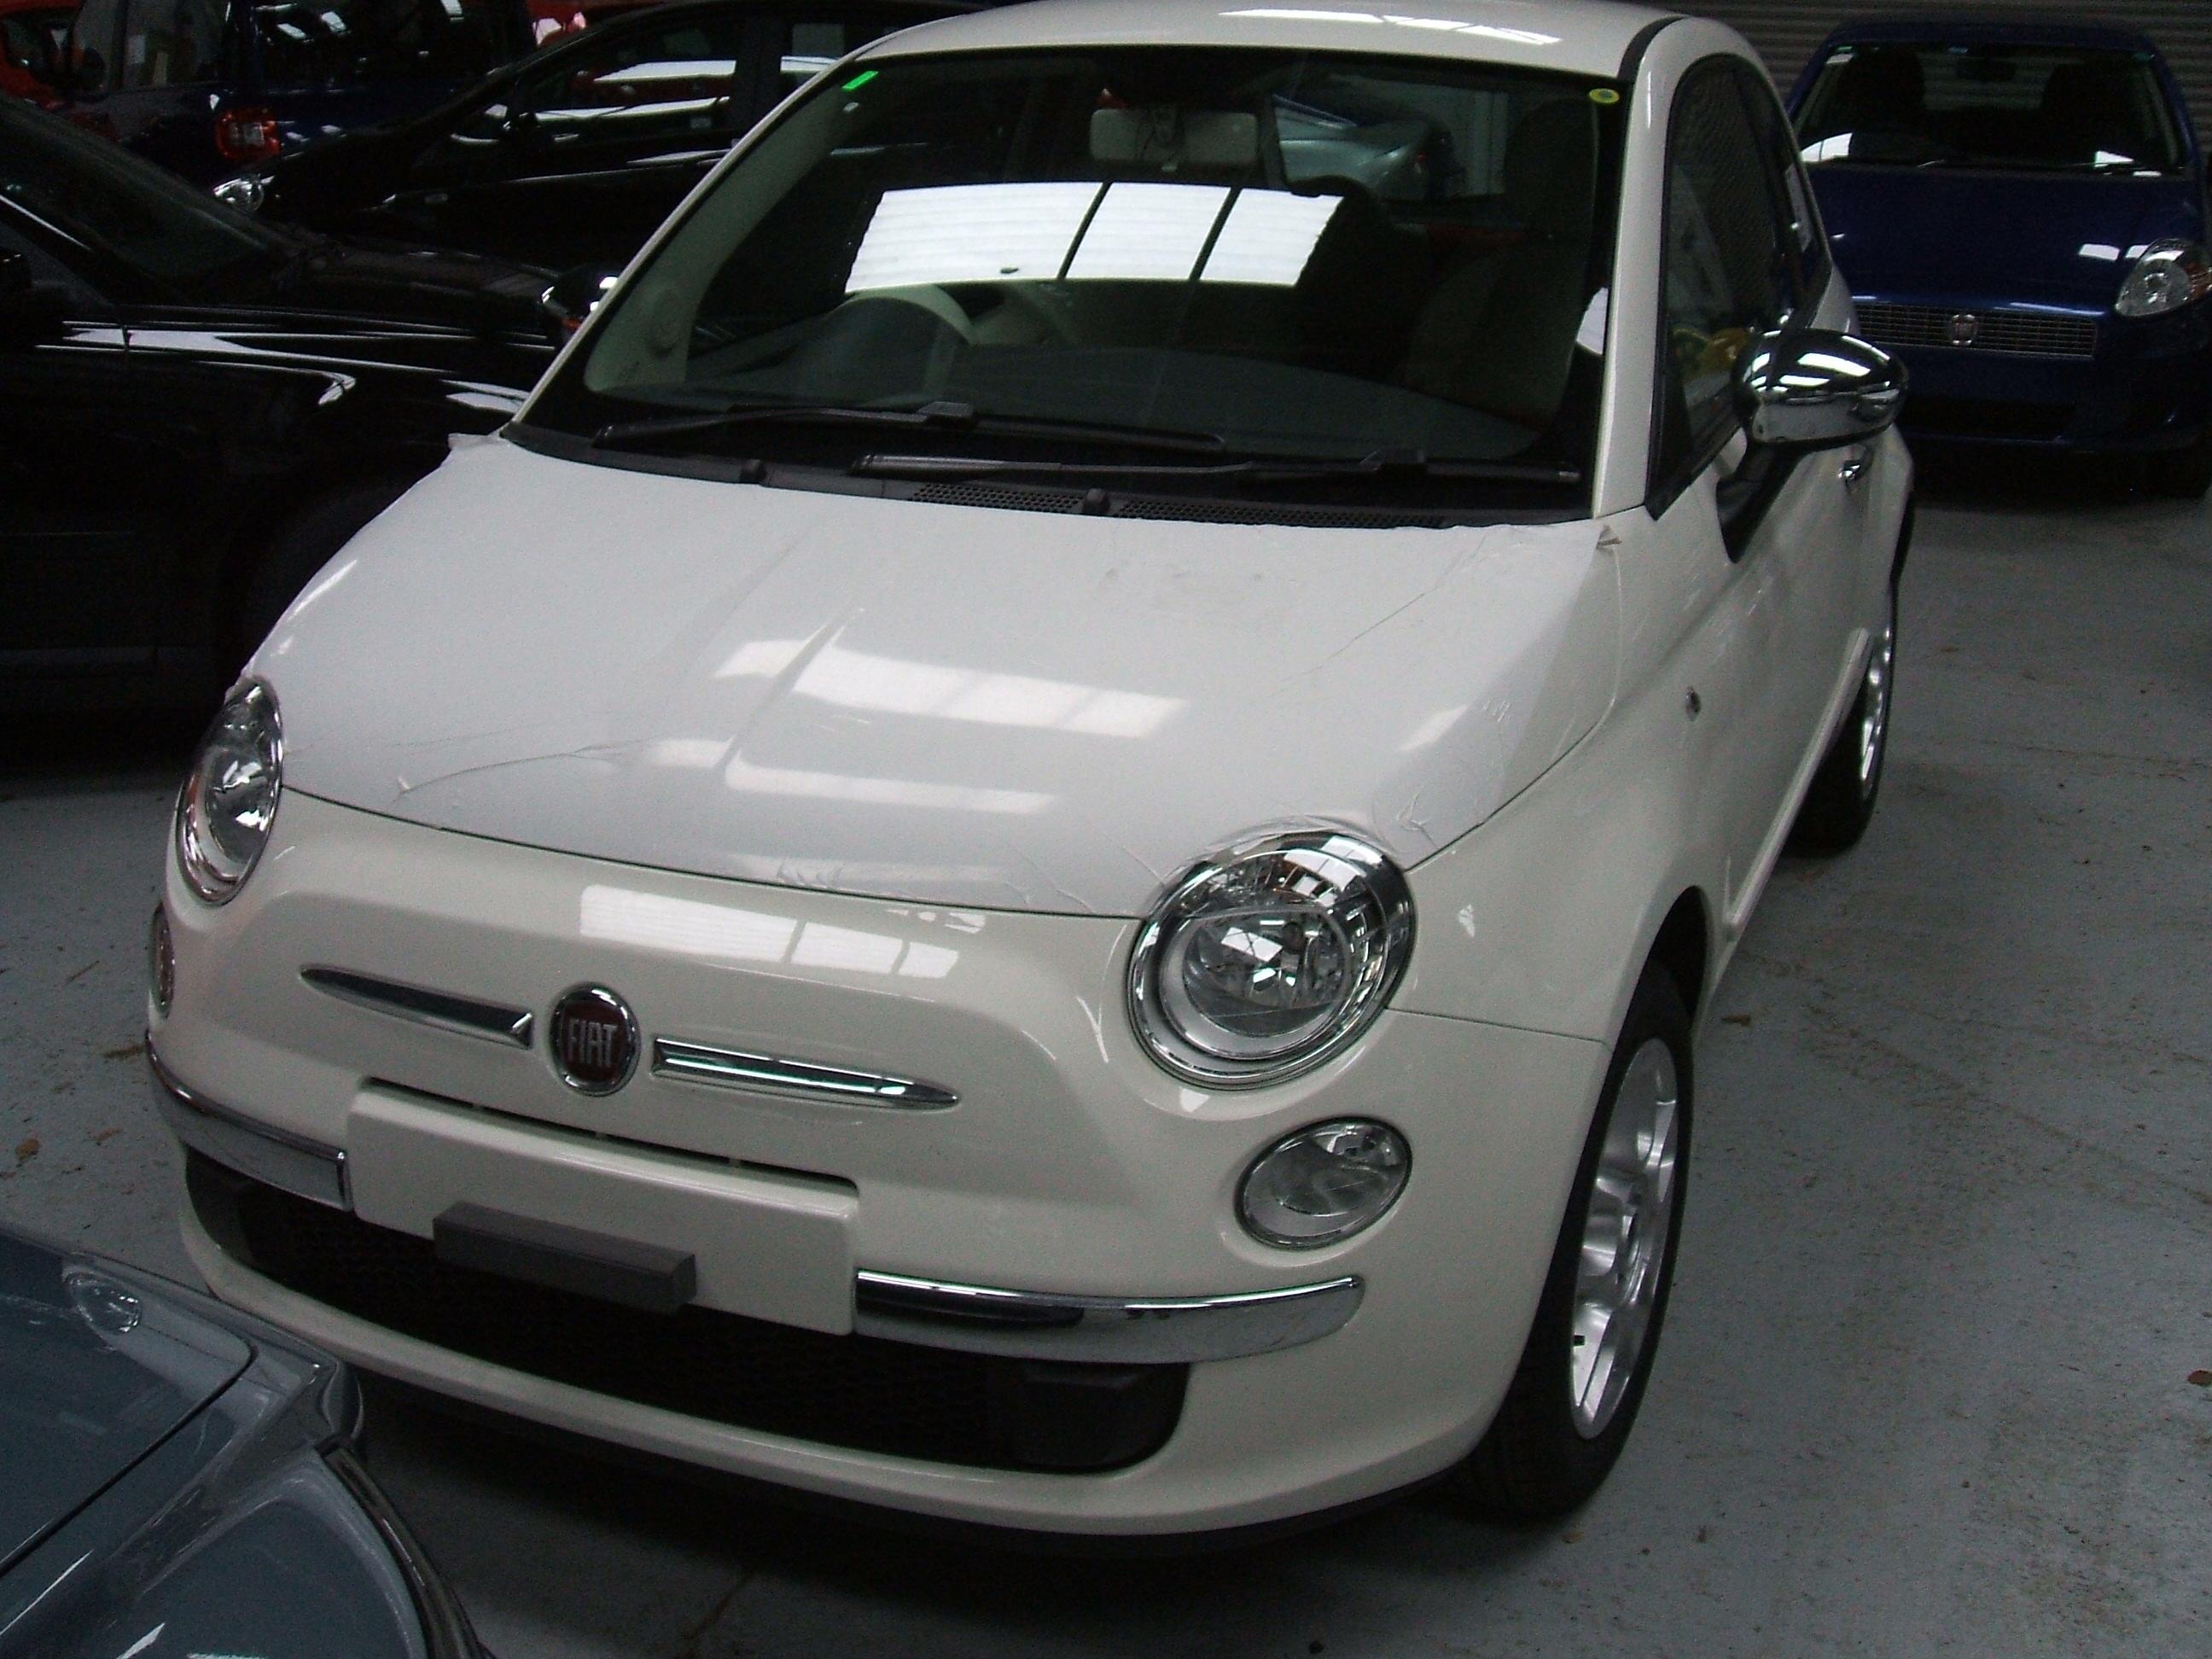 used_cars_006